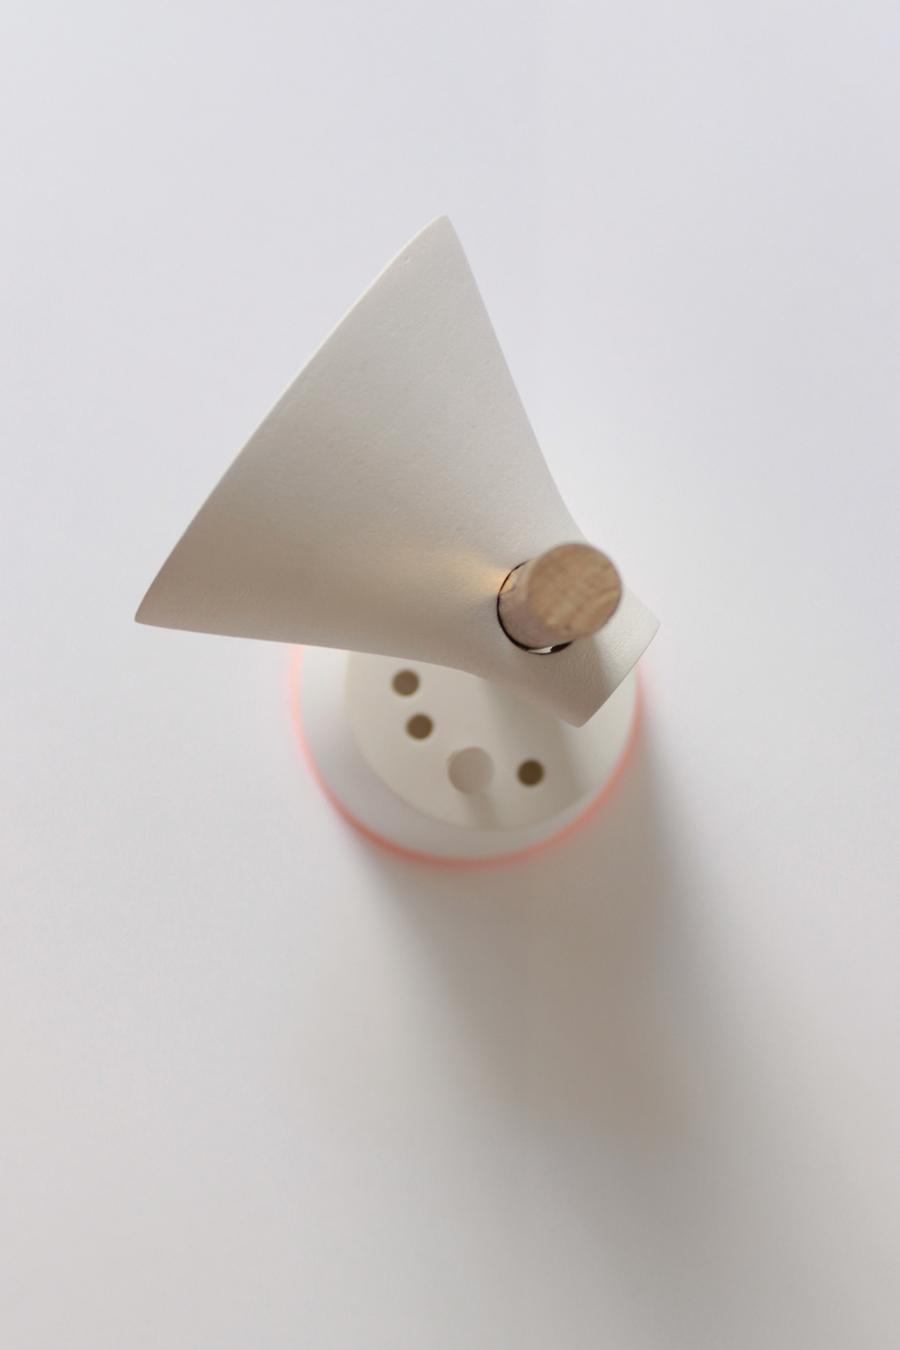 130831-particules-portfolio-objet-objets-sans-age-19